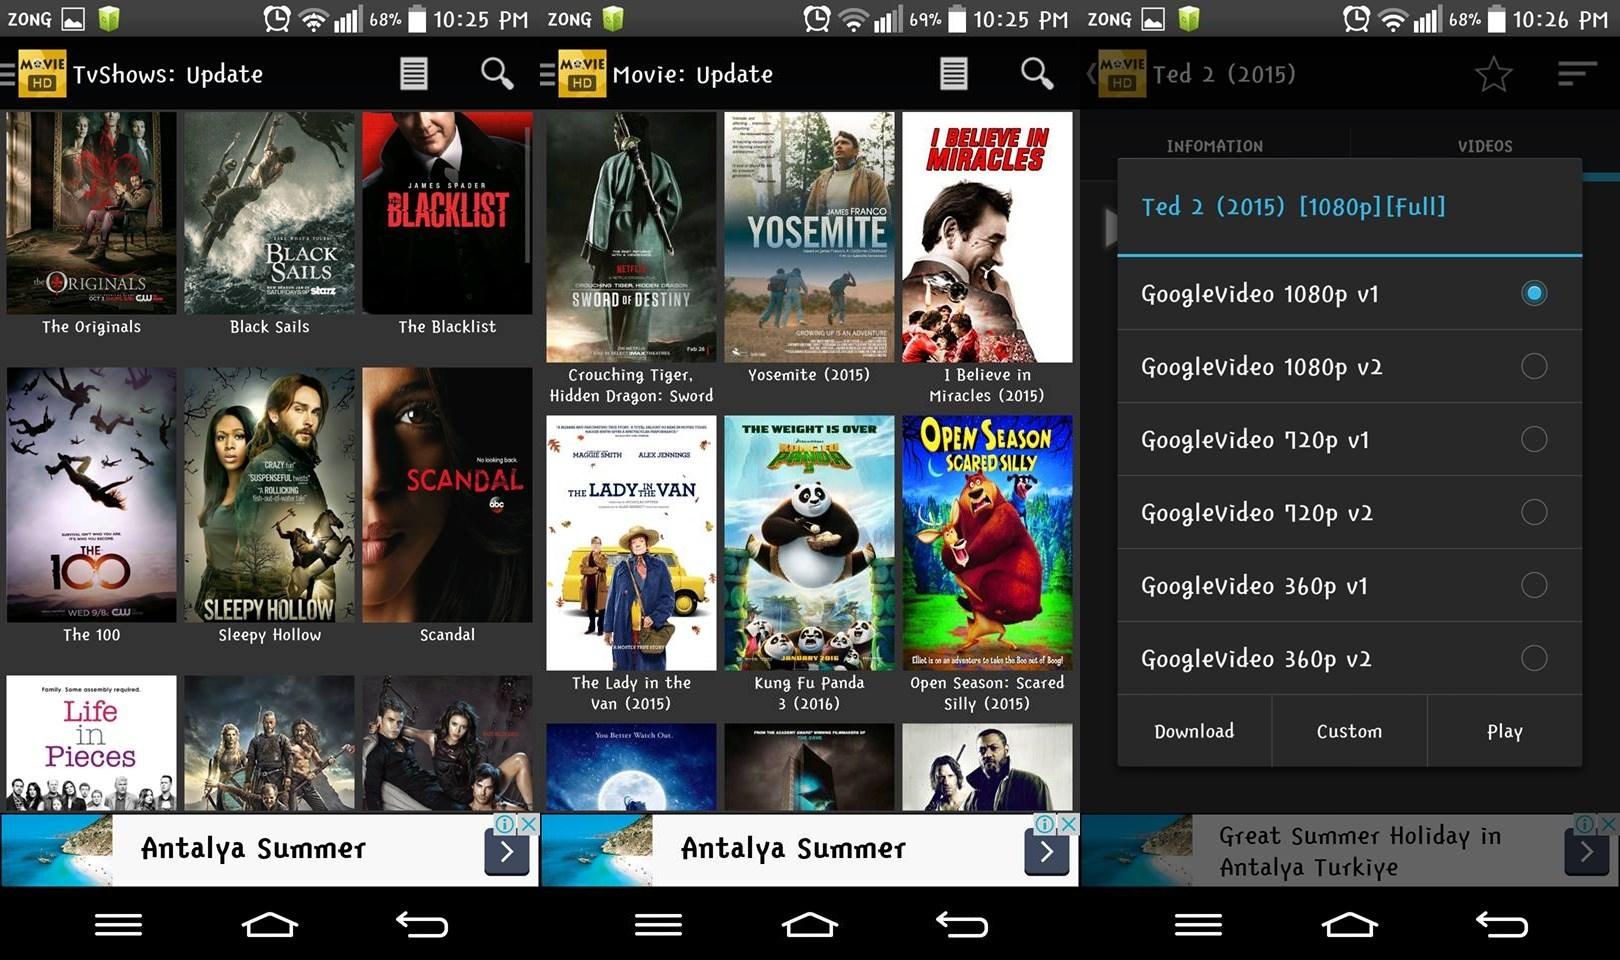 Parhaat parhaat sovellukset elokuvien ja TV-ohjelmien suoratoistoon Androidilla 6